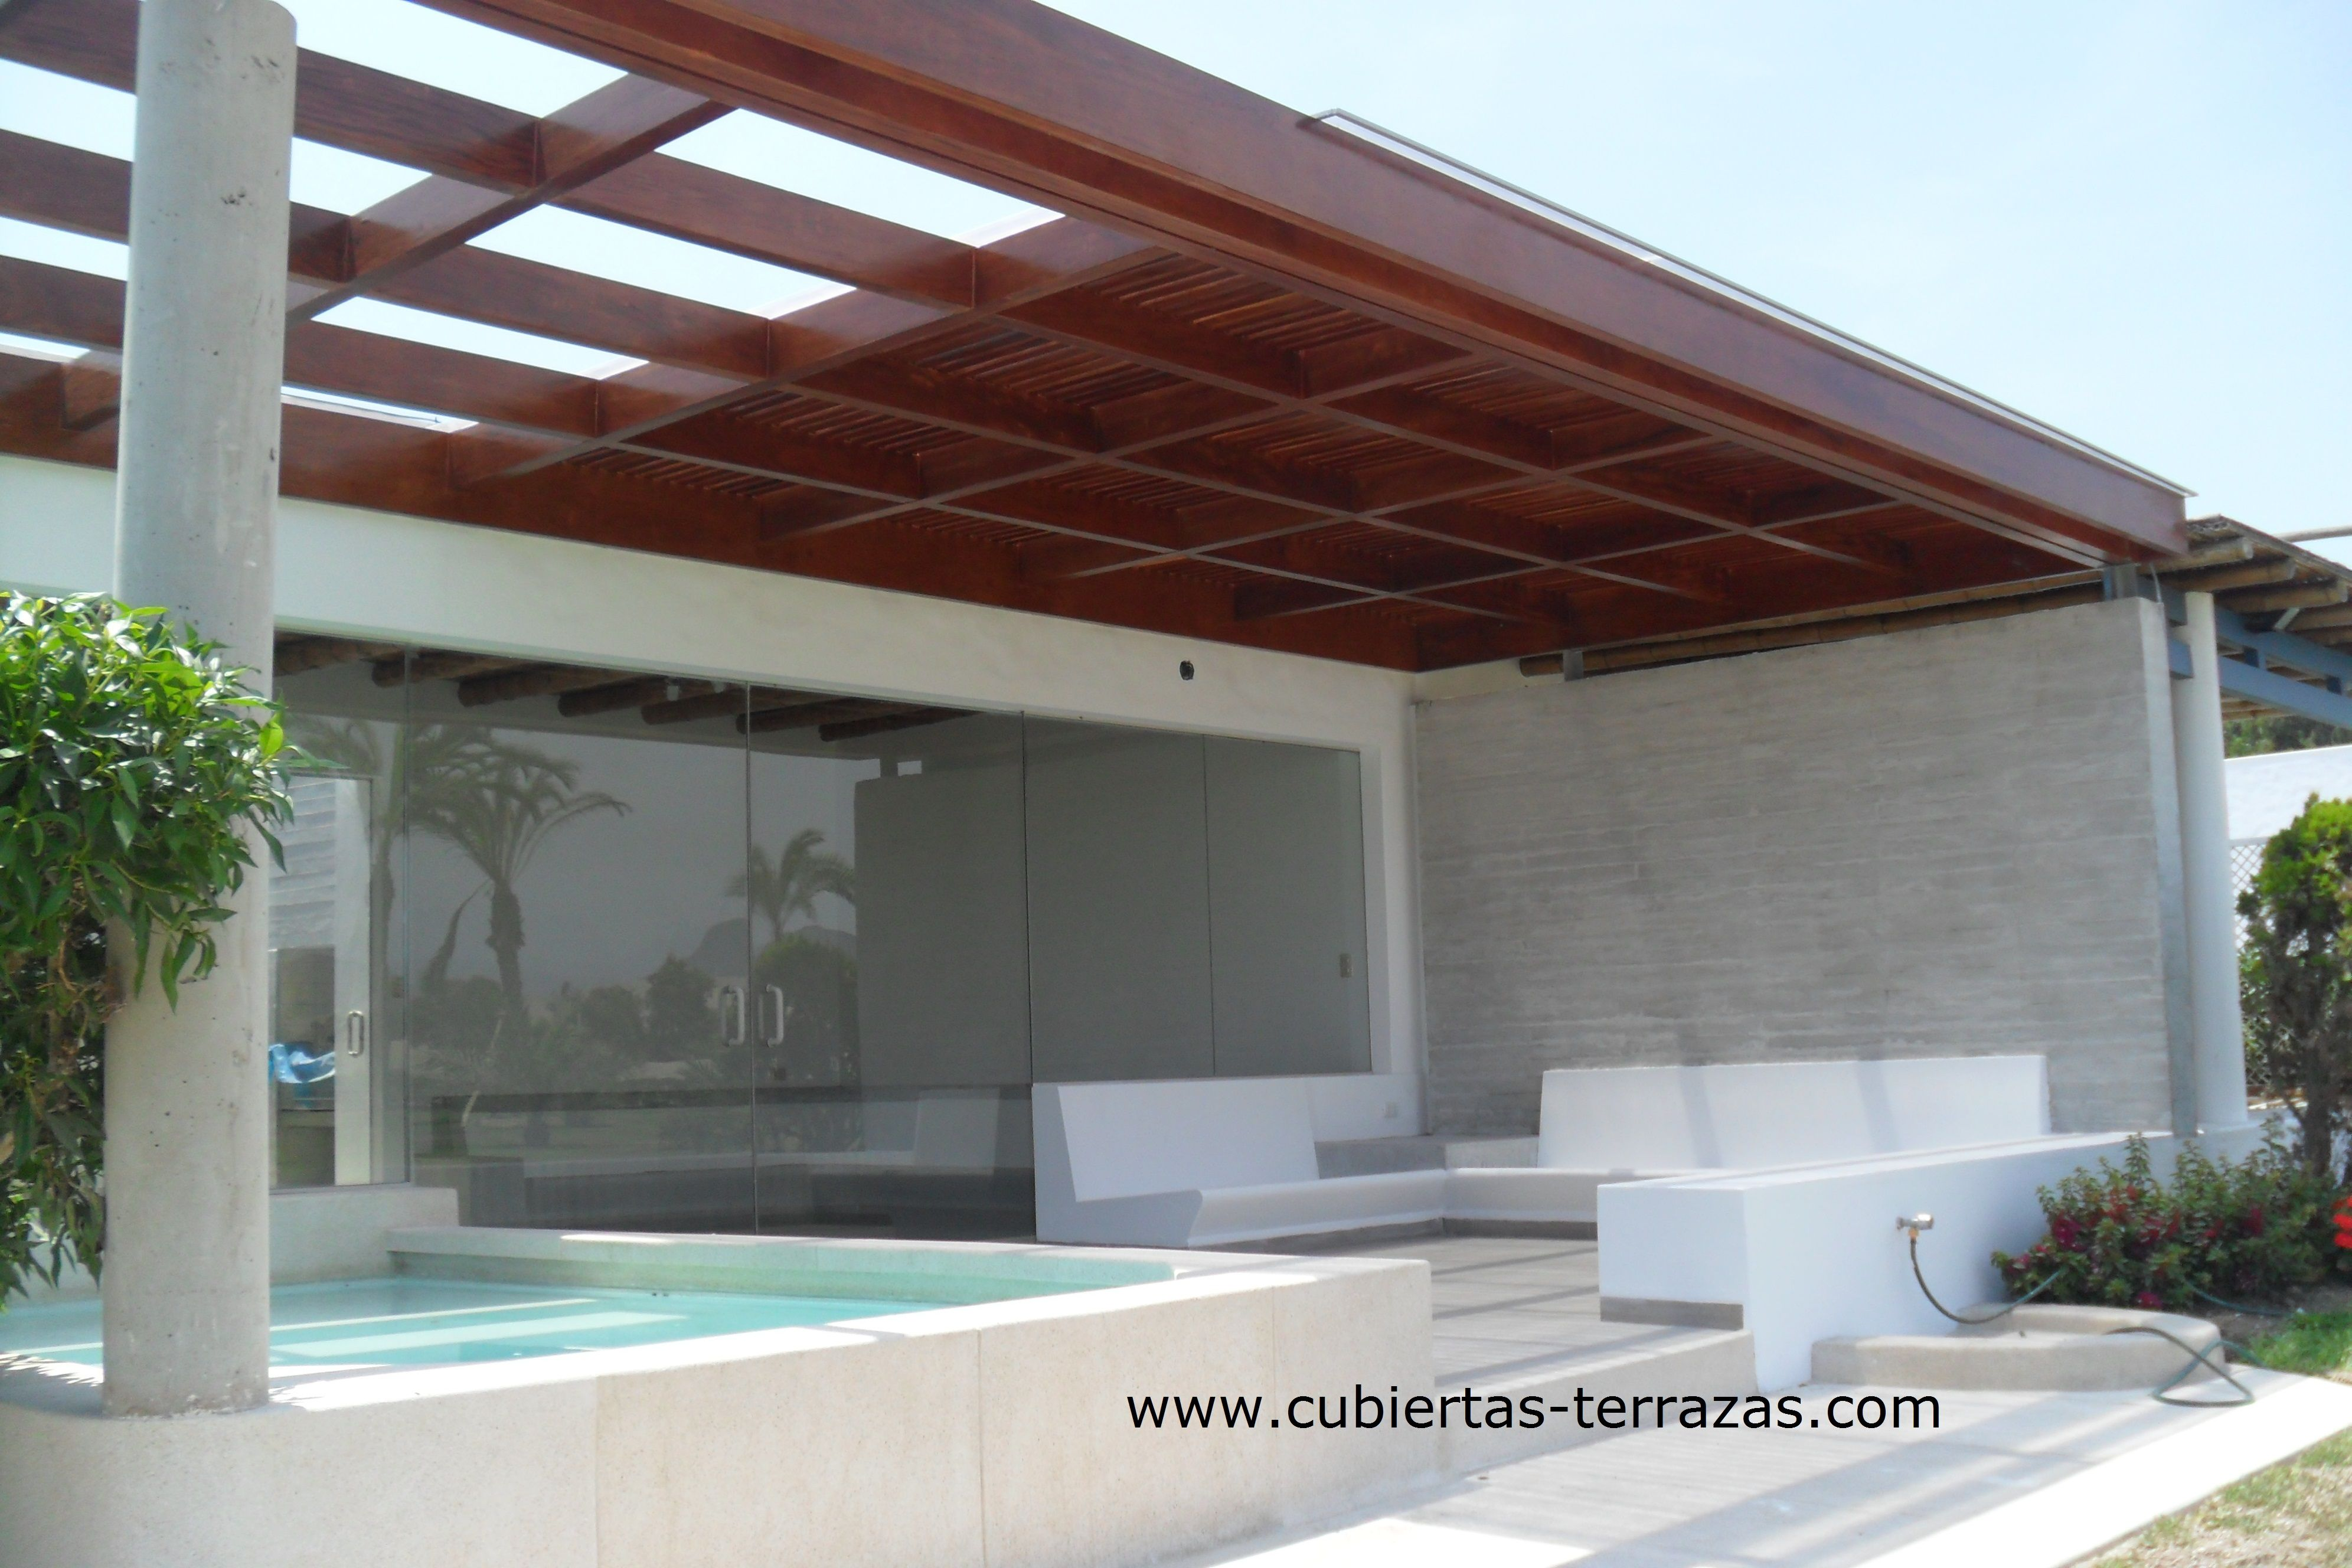 techo de madera lacada con cubierta de alveolar